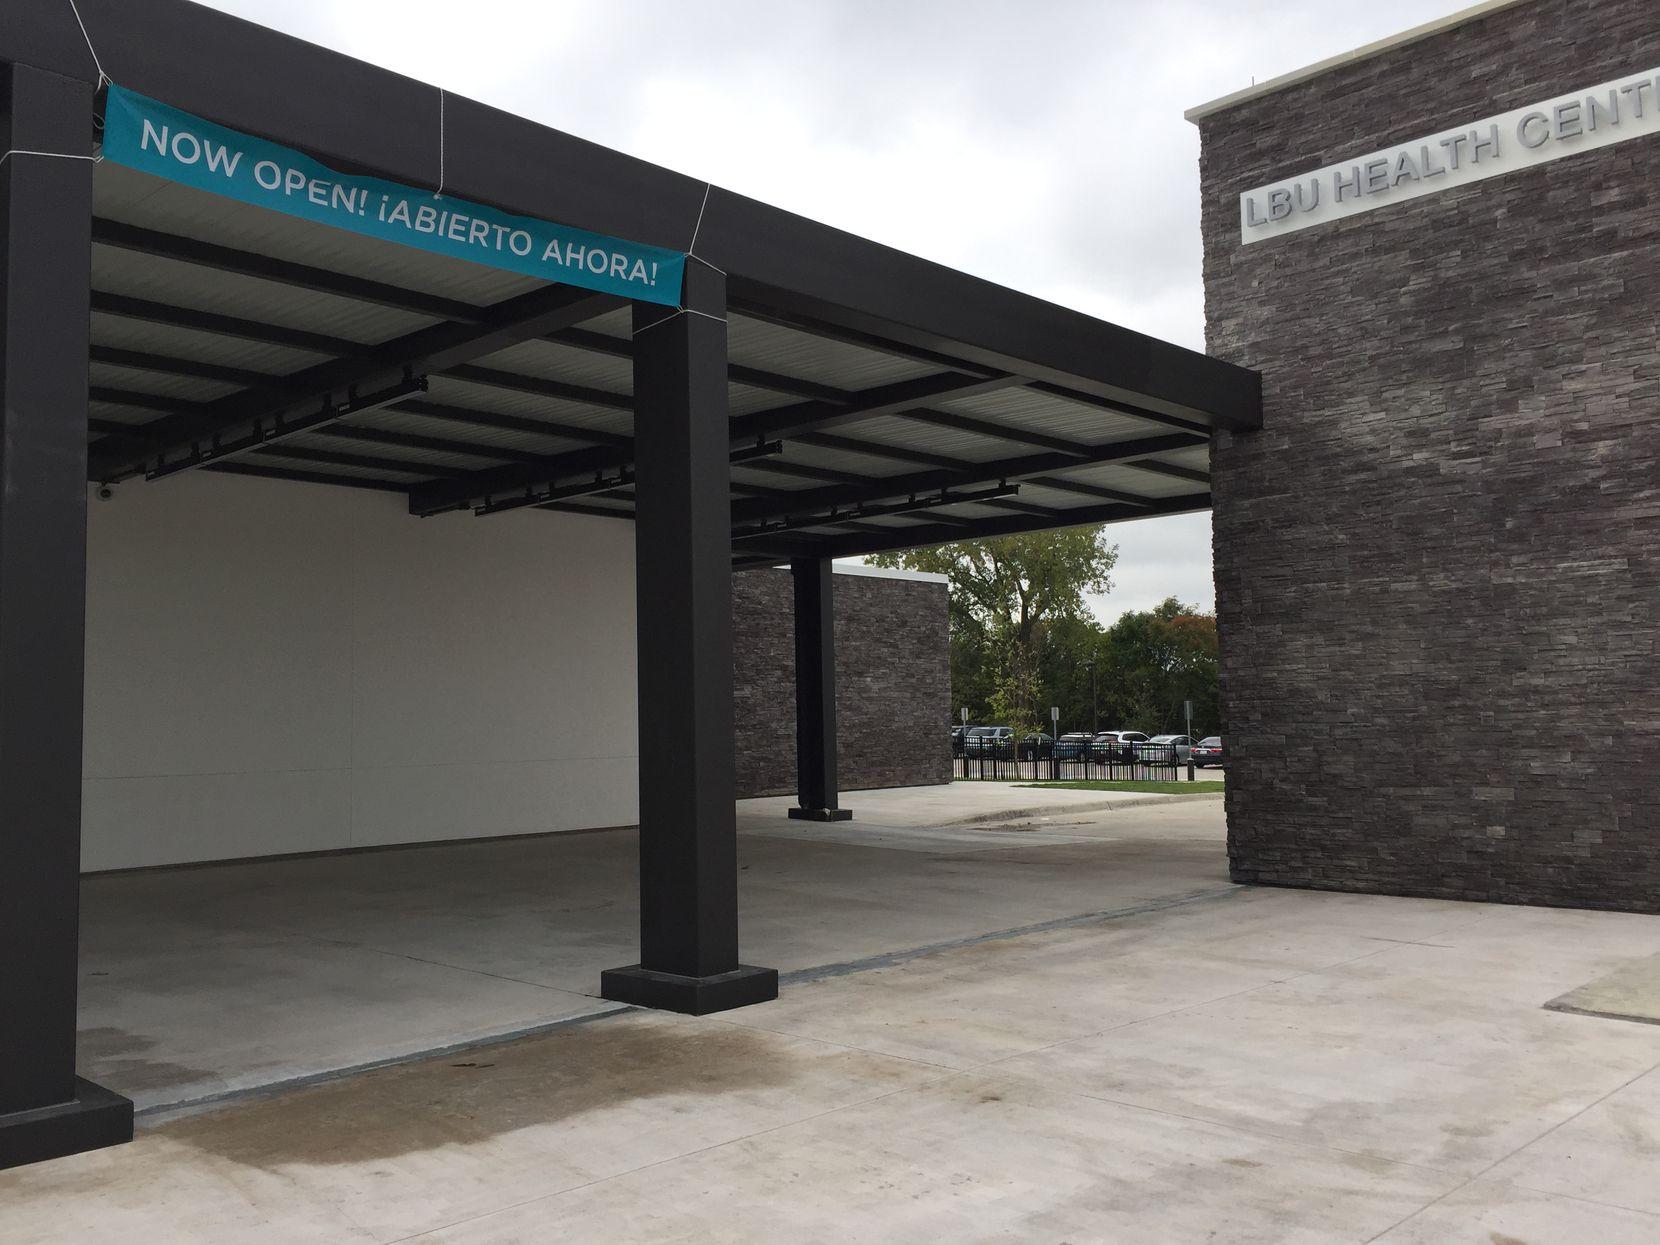 En las instalaciones de 21,400 pies cuadrados se ofrecen servicios a niños y adultos.